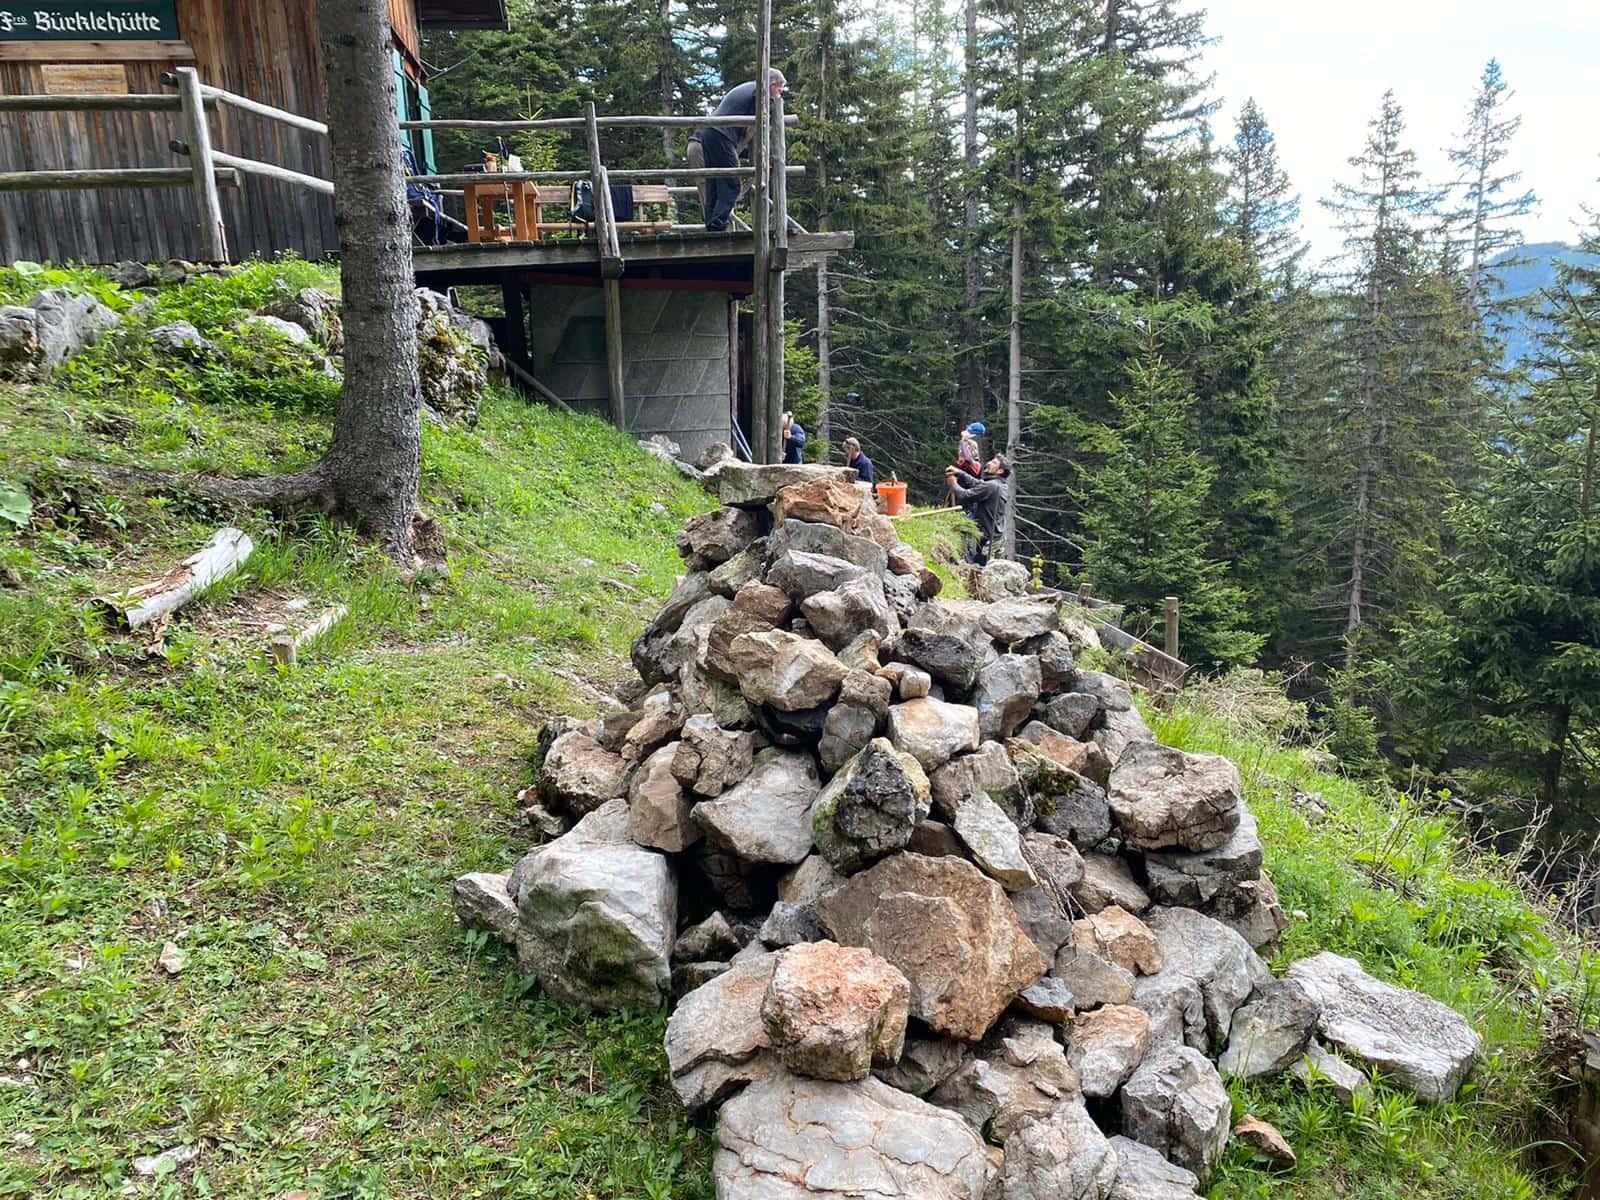 Neue Stützmauer für die Bürklehütte 2